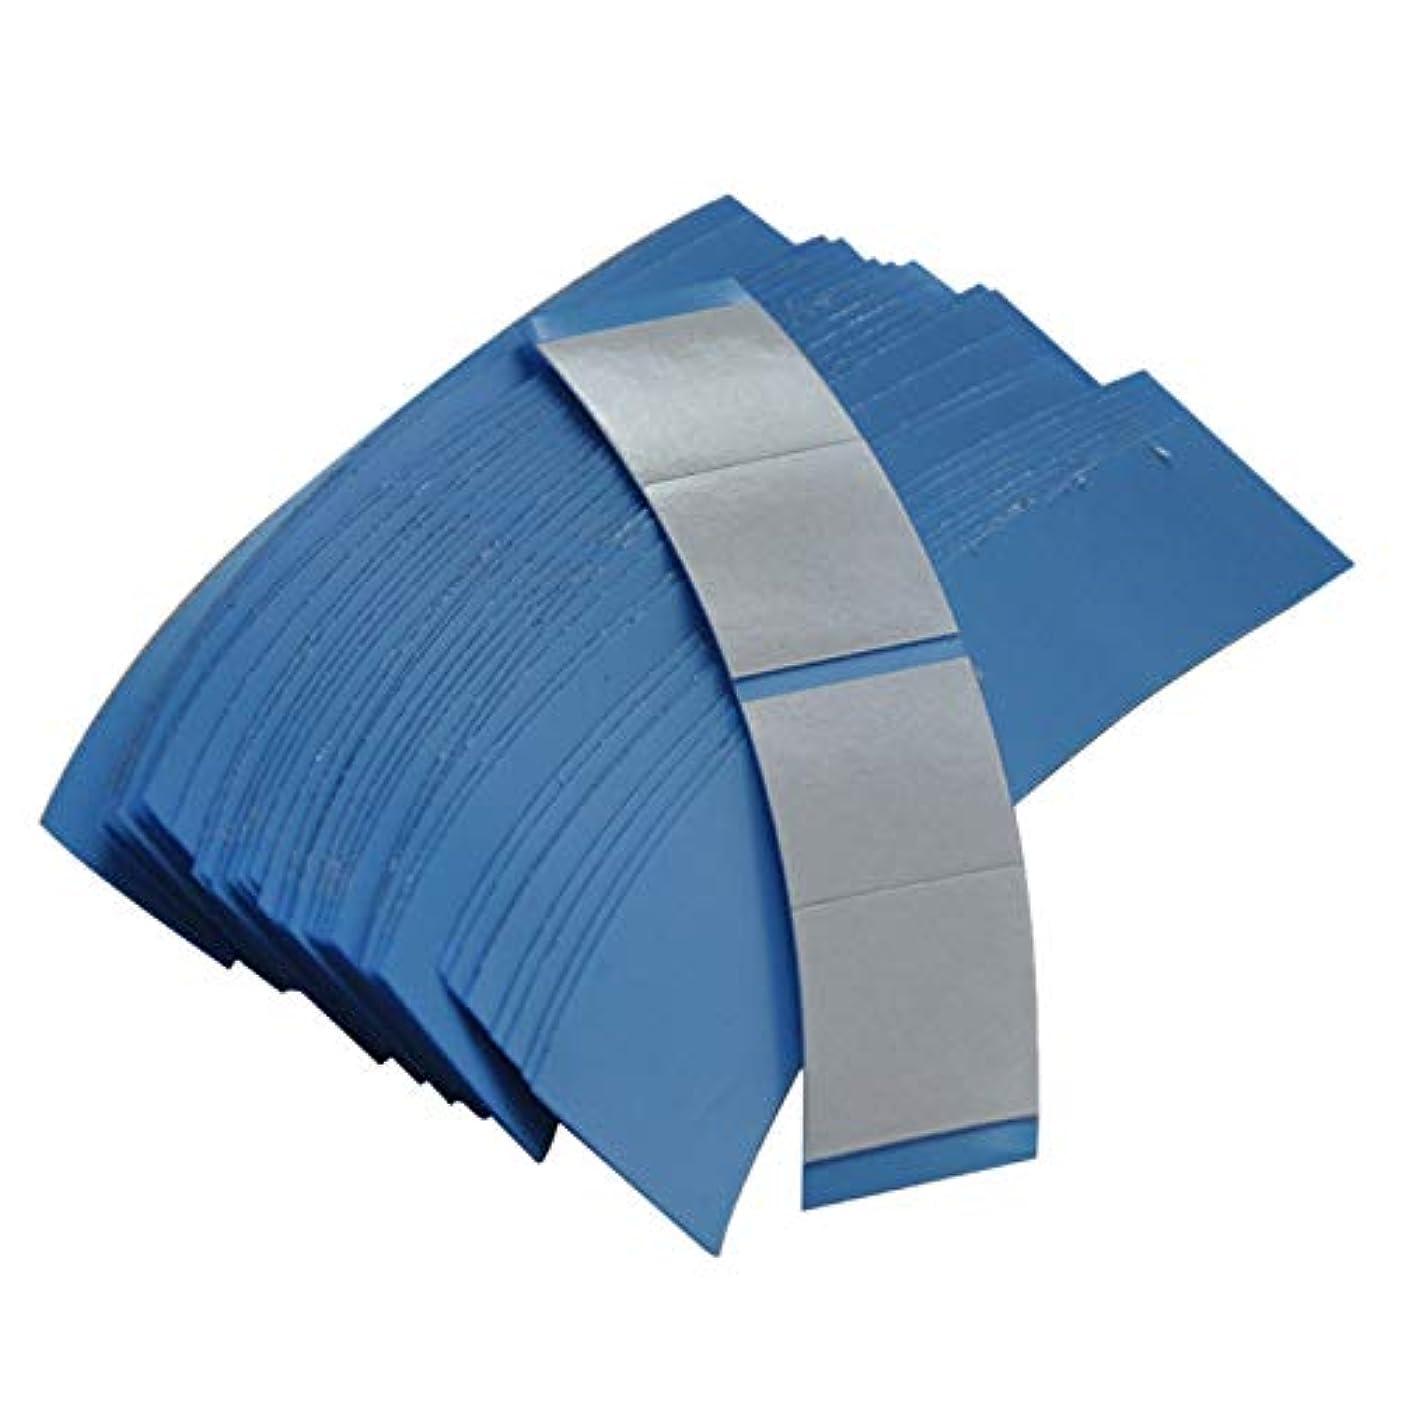 いらいらする辞任スパイラルSODIAL 36個/ロット ブルー スーパー固定テープヘアシステム両面粘着テープ テープエクステンション/ウィッグ/レースウィッグ用